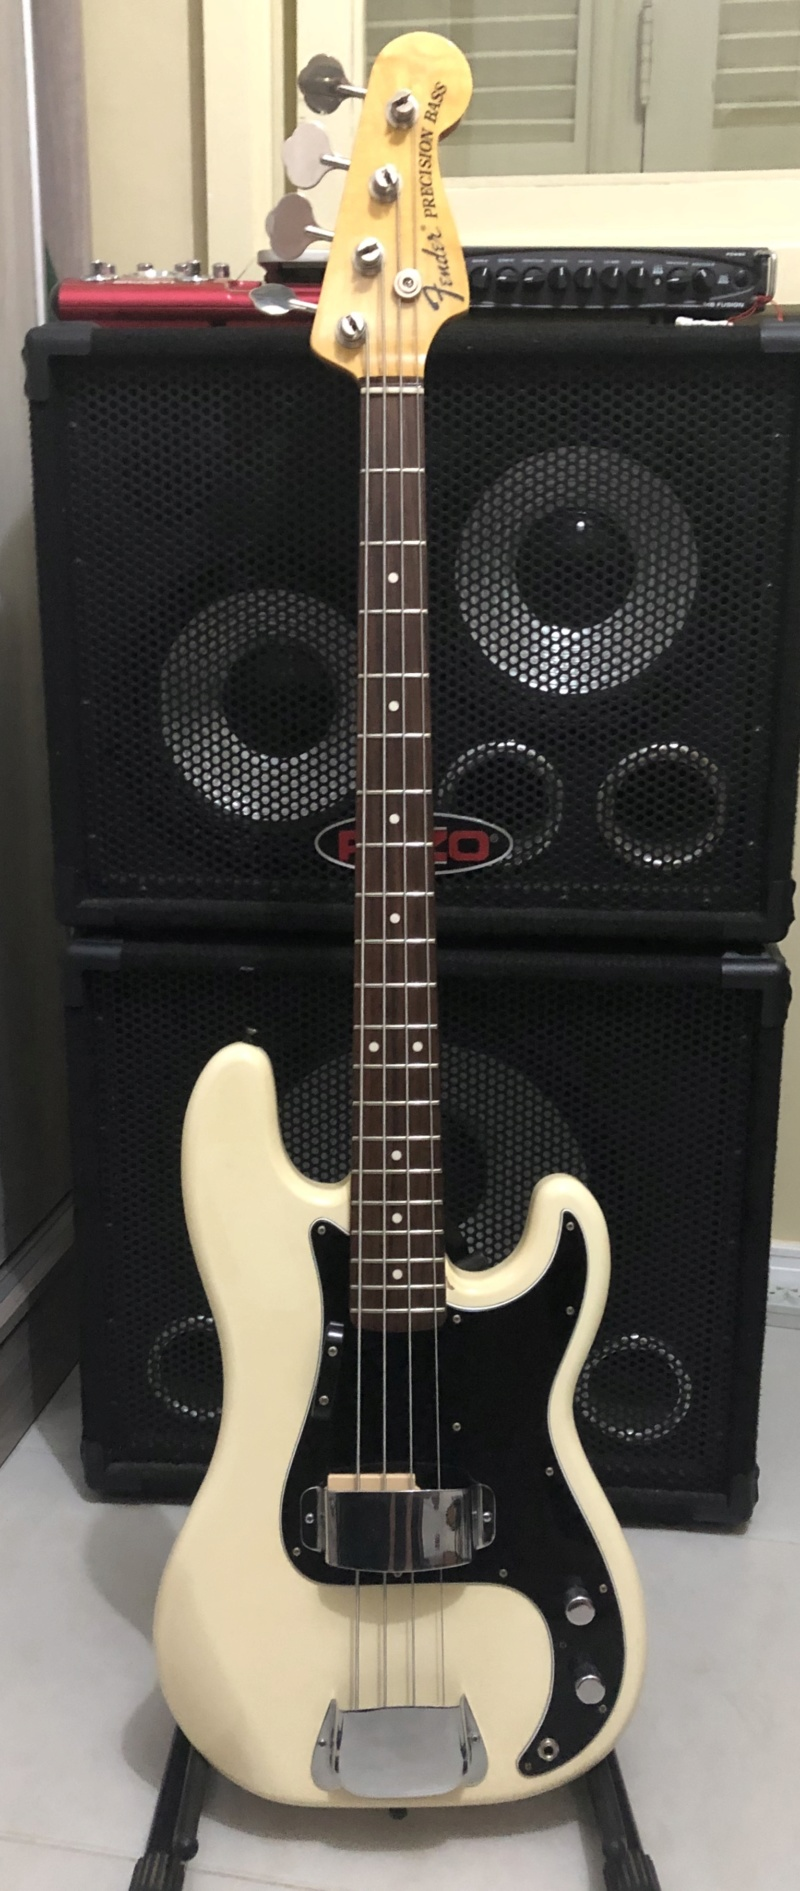 Porque usar um Precision Bass? - Página 3 D9edf410